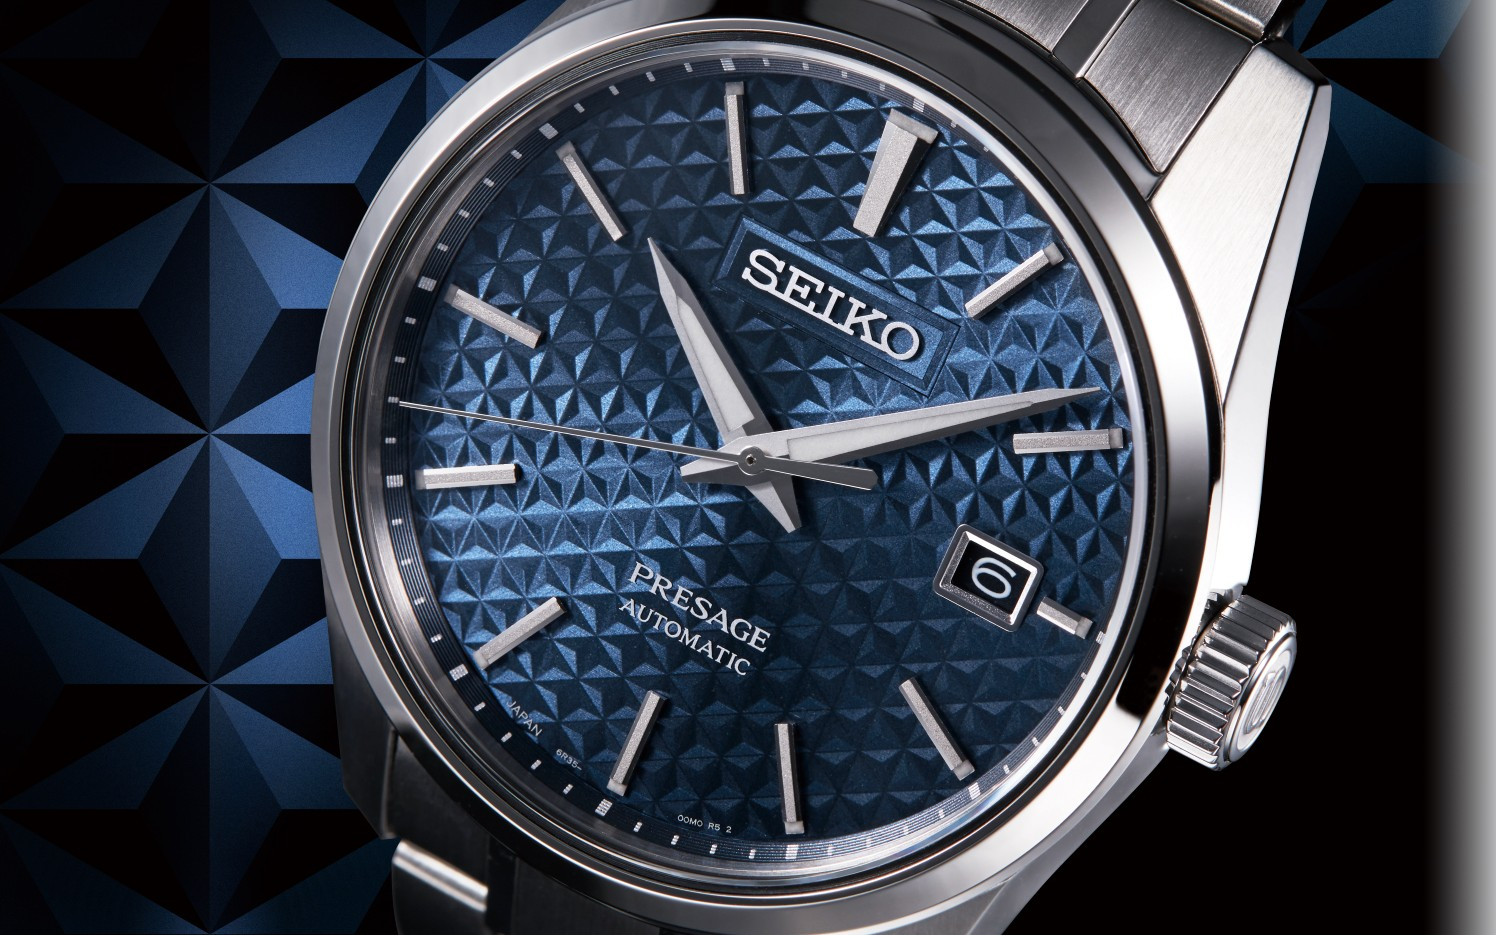 Vẻ đẹp tiền ẩn trong cái nhìn đơn giản của đồng hồ Seiko